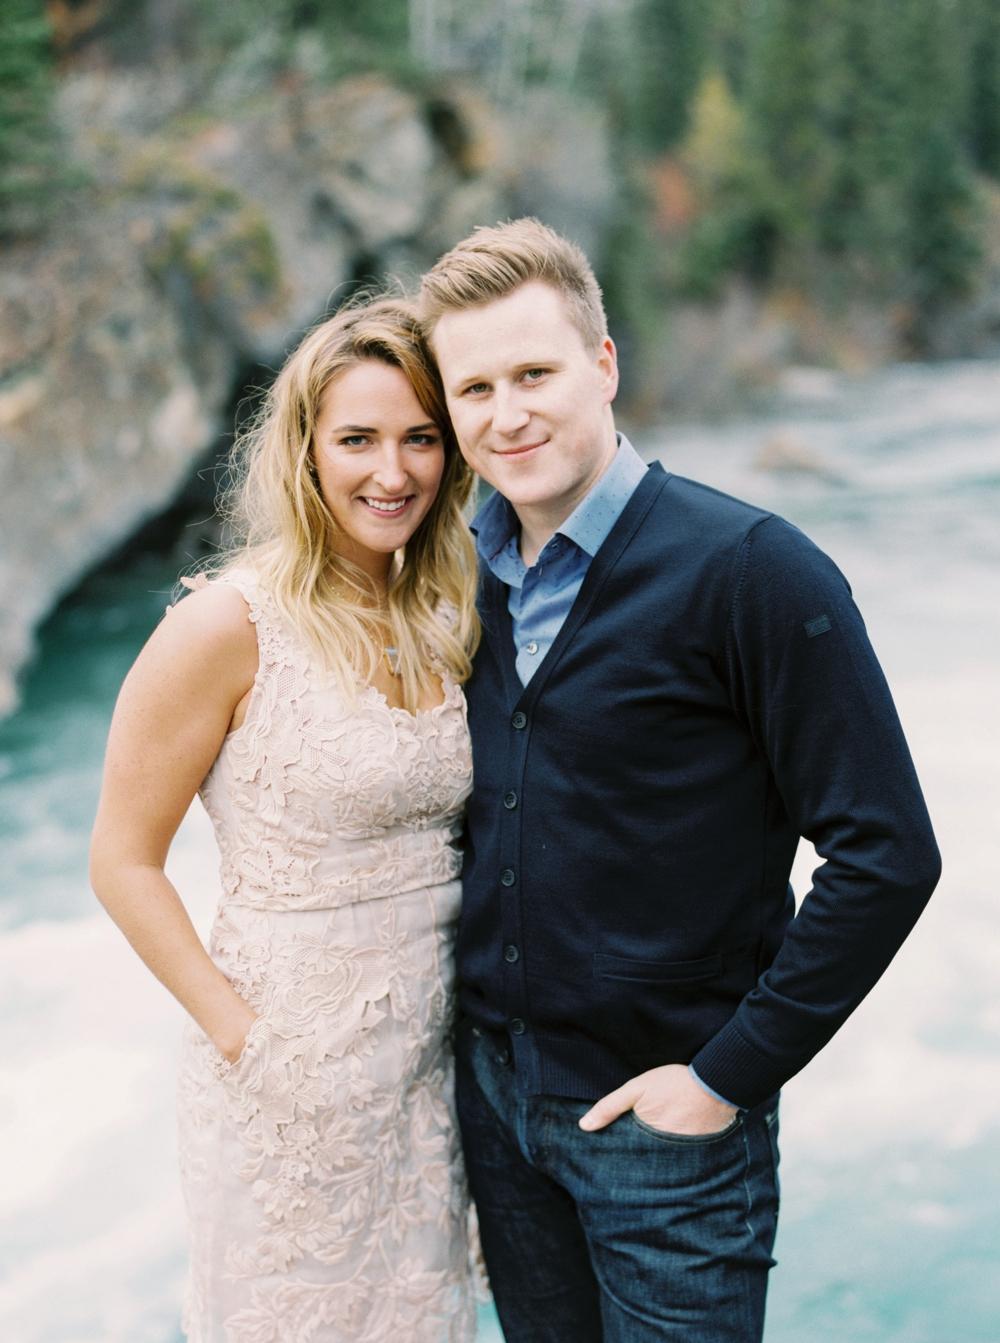 kananaskis engagement session | mountain engagement photographers | calgary wedding photographer | Justine Milton photography